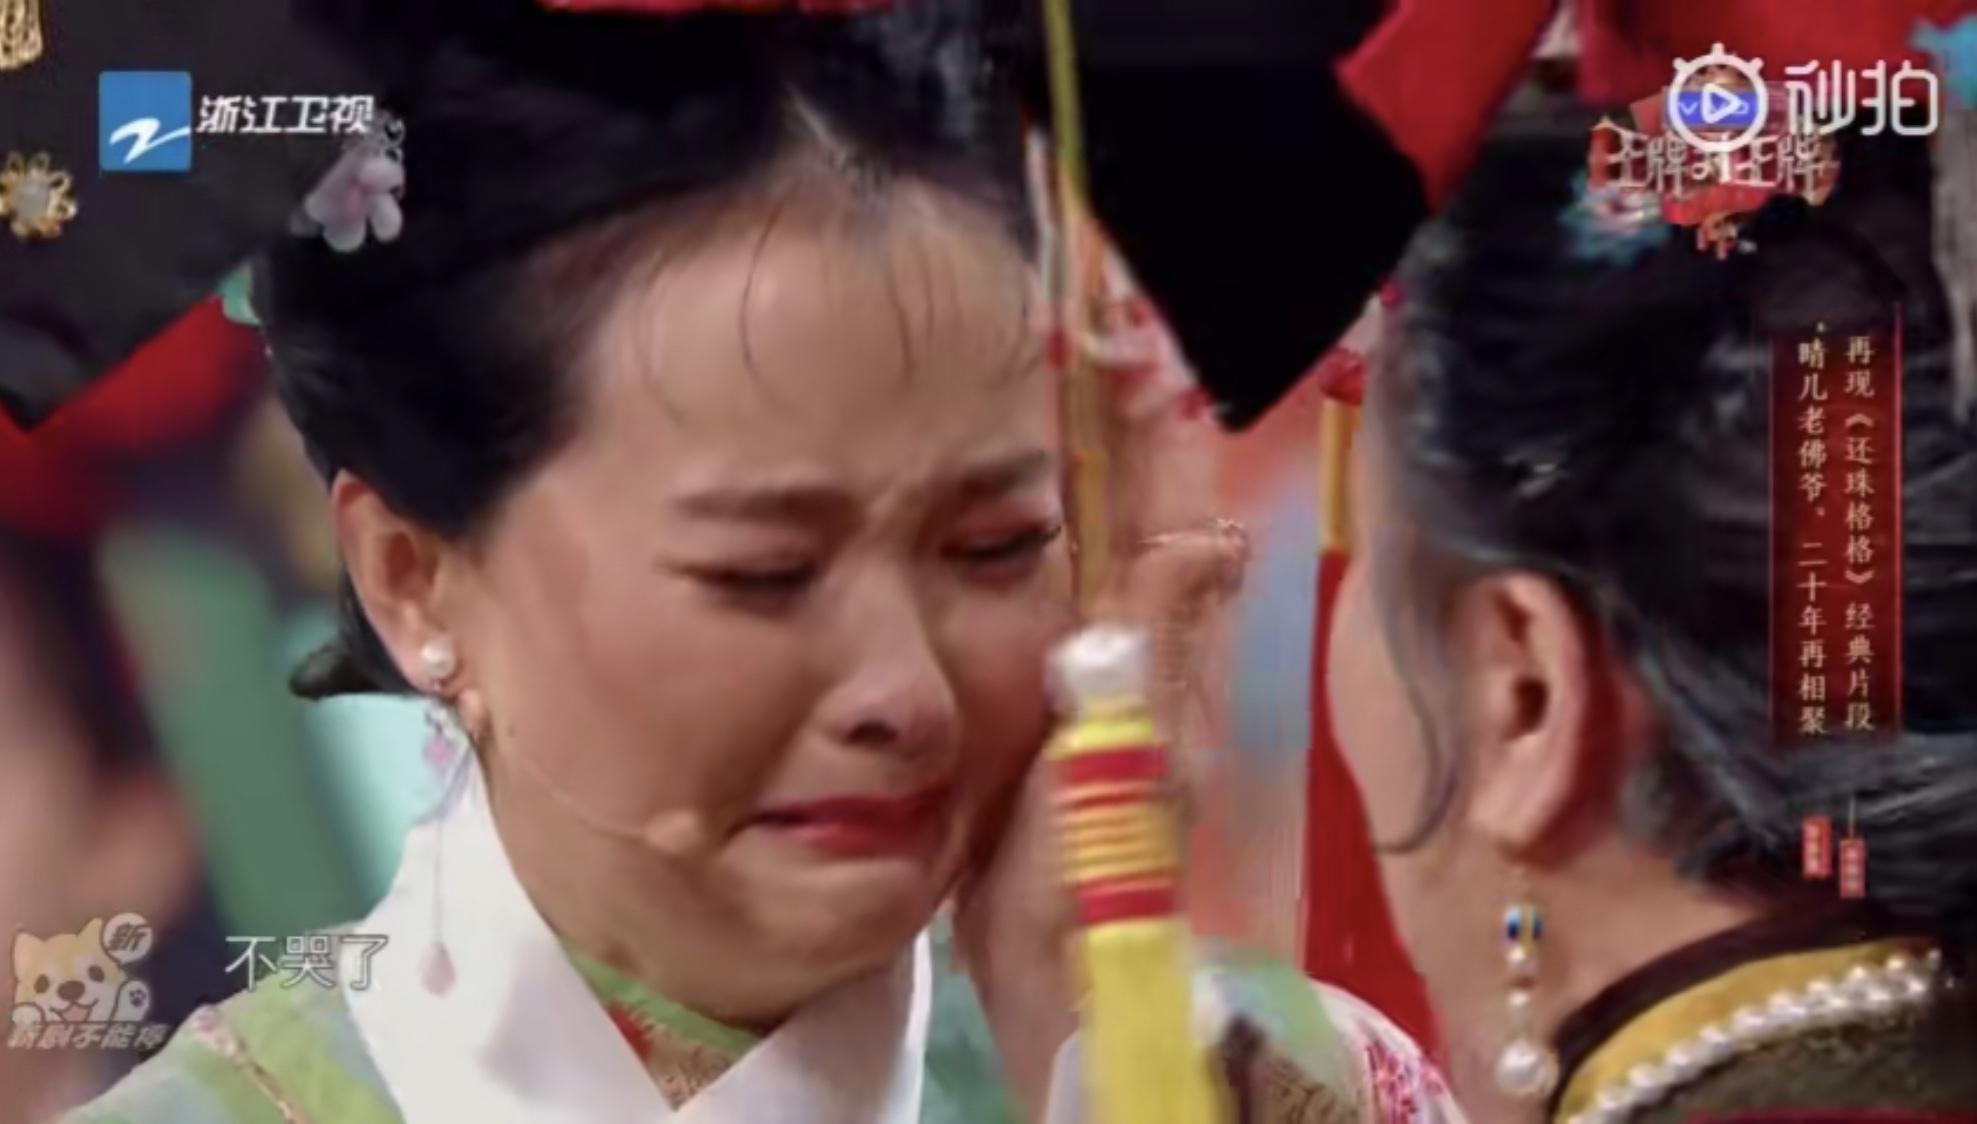 《还珠格格》剧组21年后重聚,晴儿这句撕心裂肺的呼喊令人飙泪! 作者: 来源:独家影视